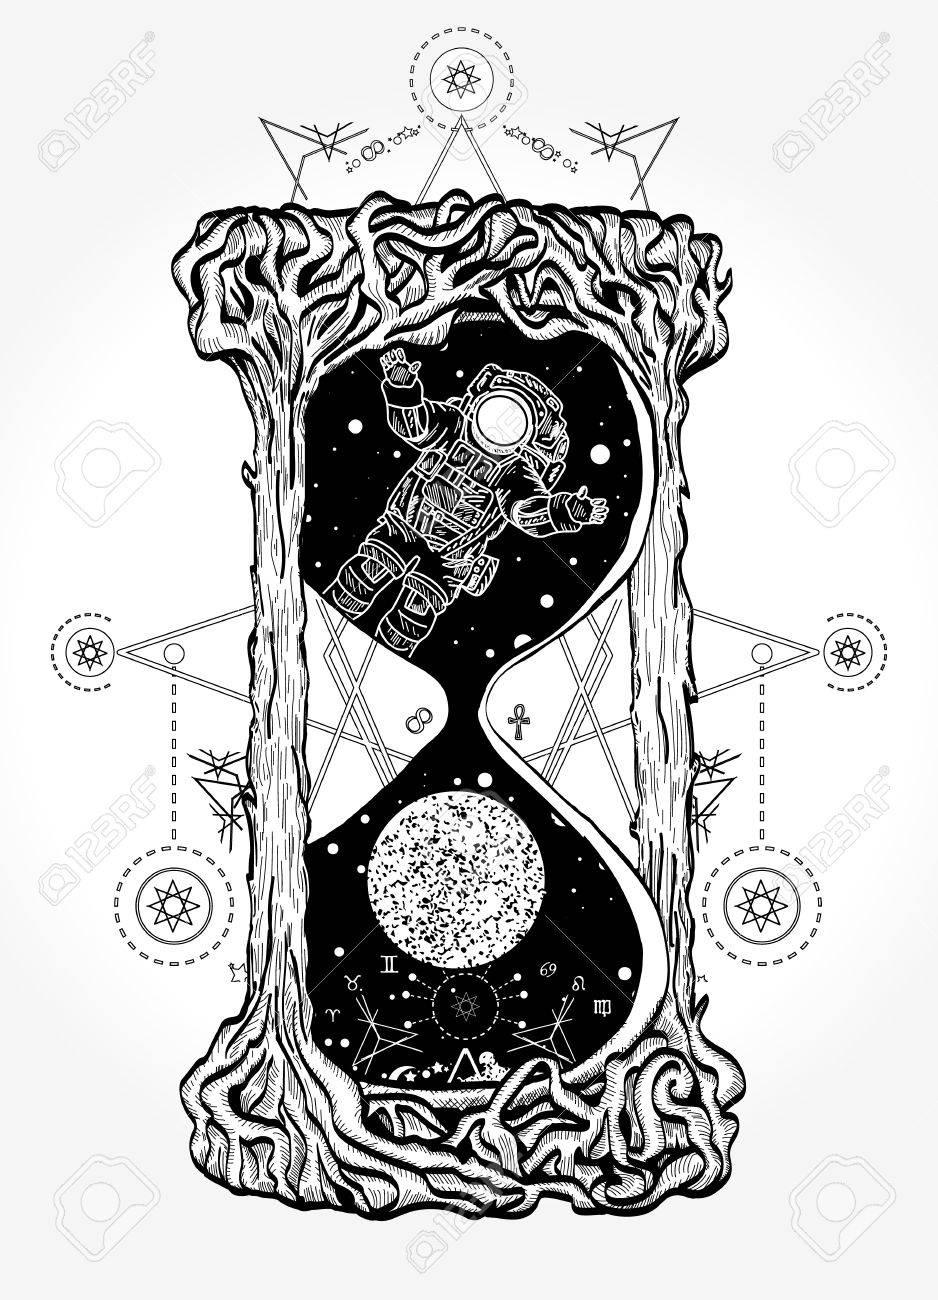 Reloj De Arena Símbolos Místicos Vida Y Muerte Tatuaje Ilustraciones